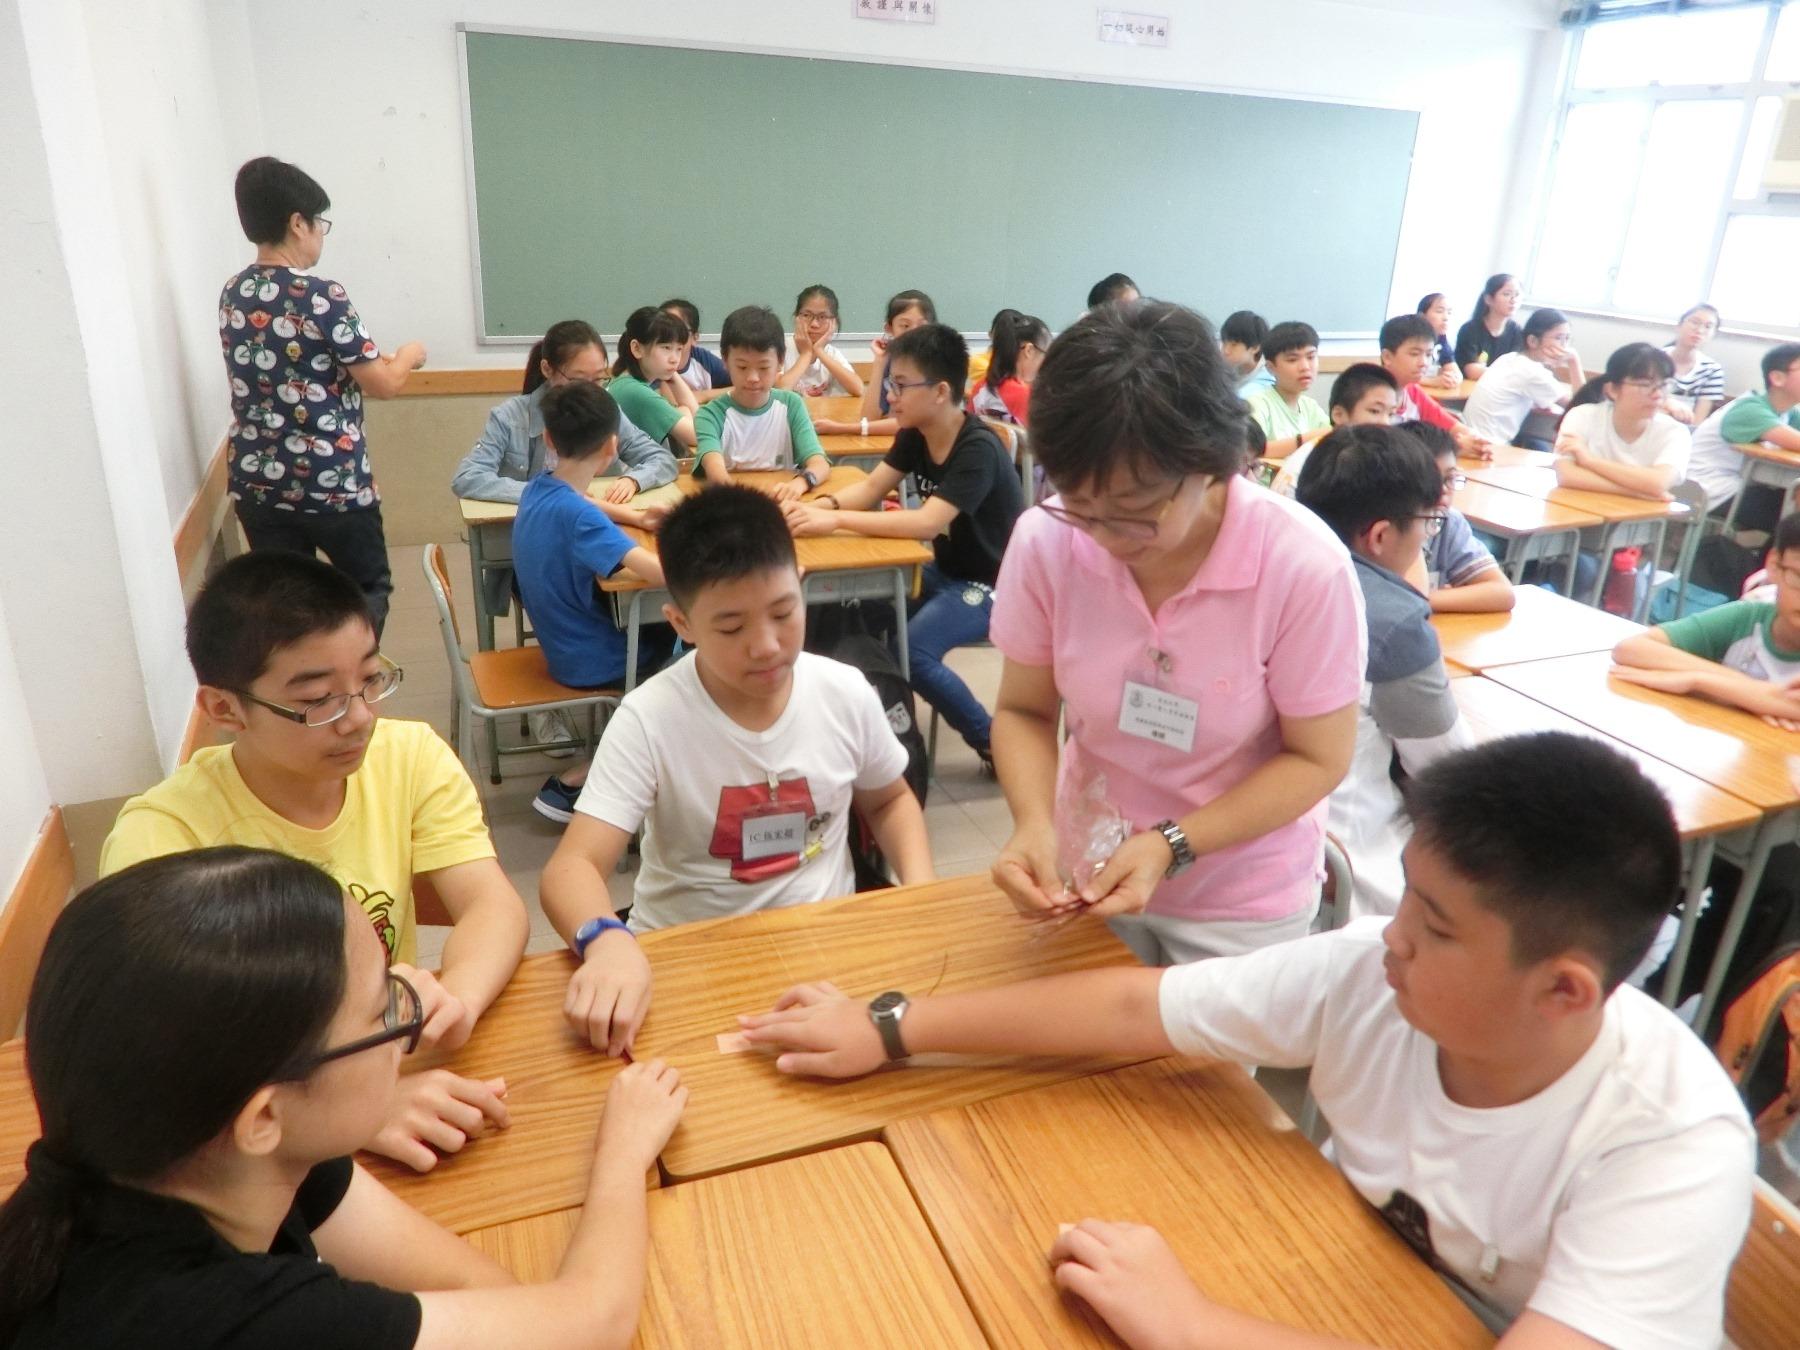 http://npc.edu.hk/sites/default/files/1c_qu_wei_xiao_shi_yan_02.jpg